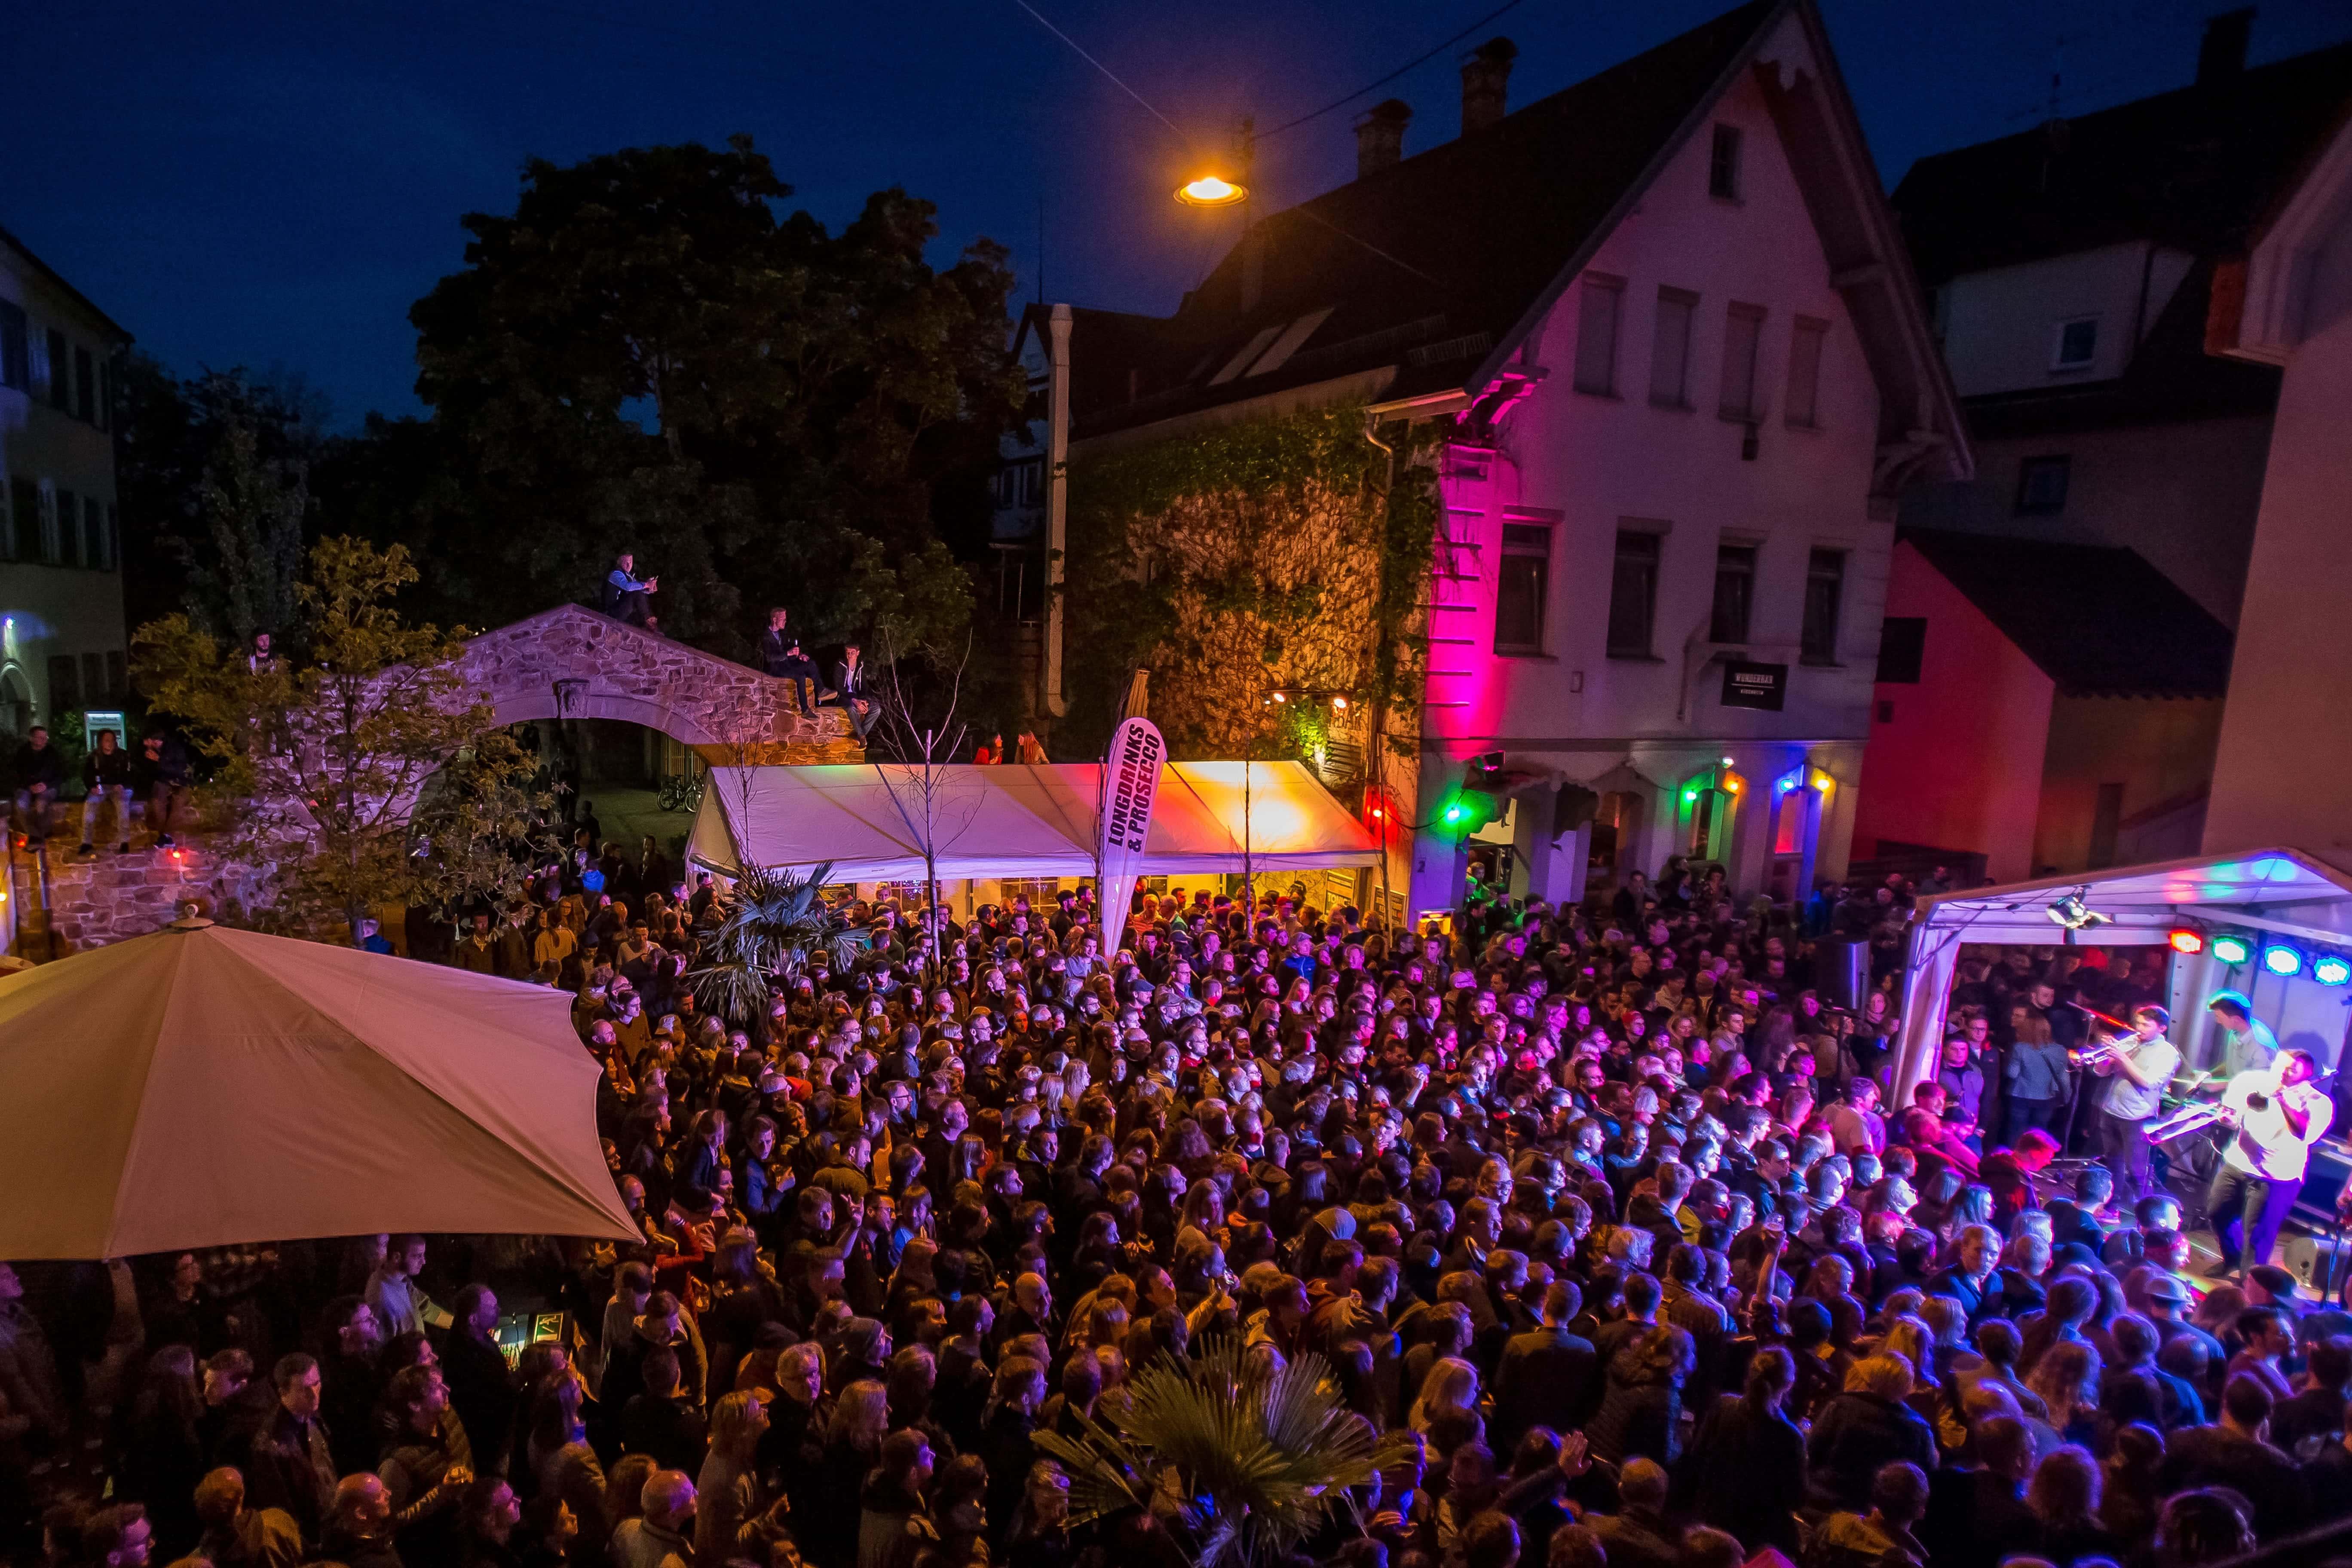 Eine Band auf dem Platz der kleinen Freiheit bei der Kirchheimer Musiknacht